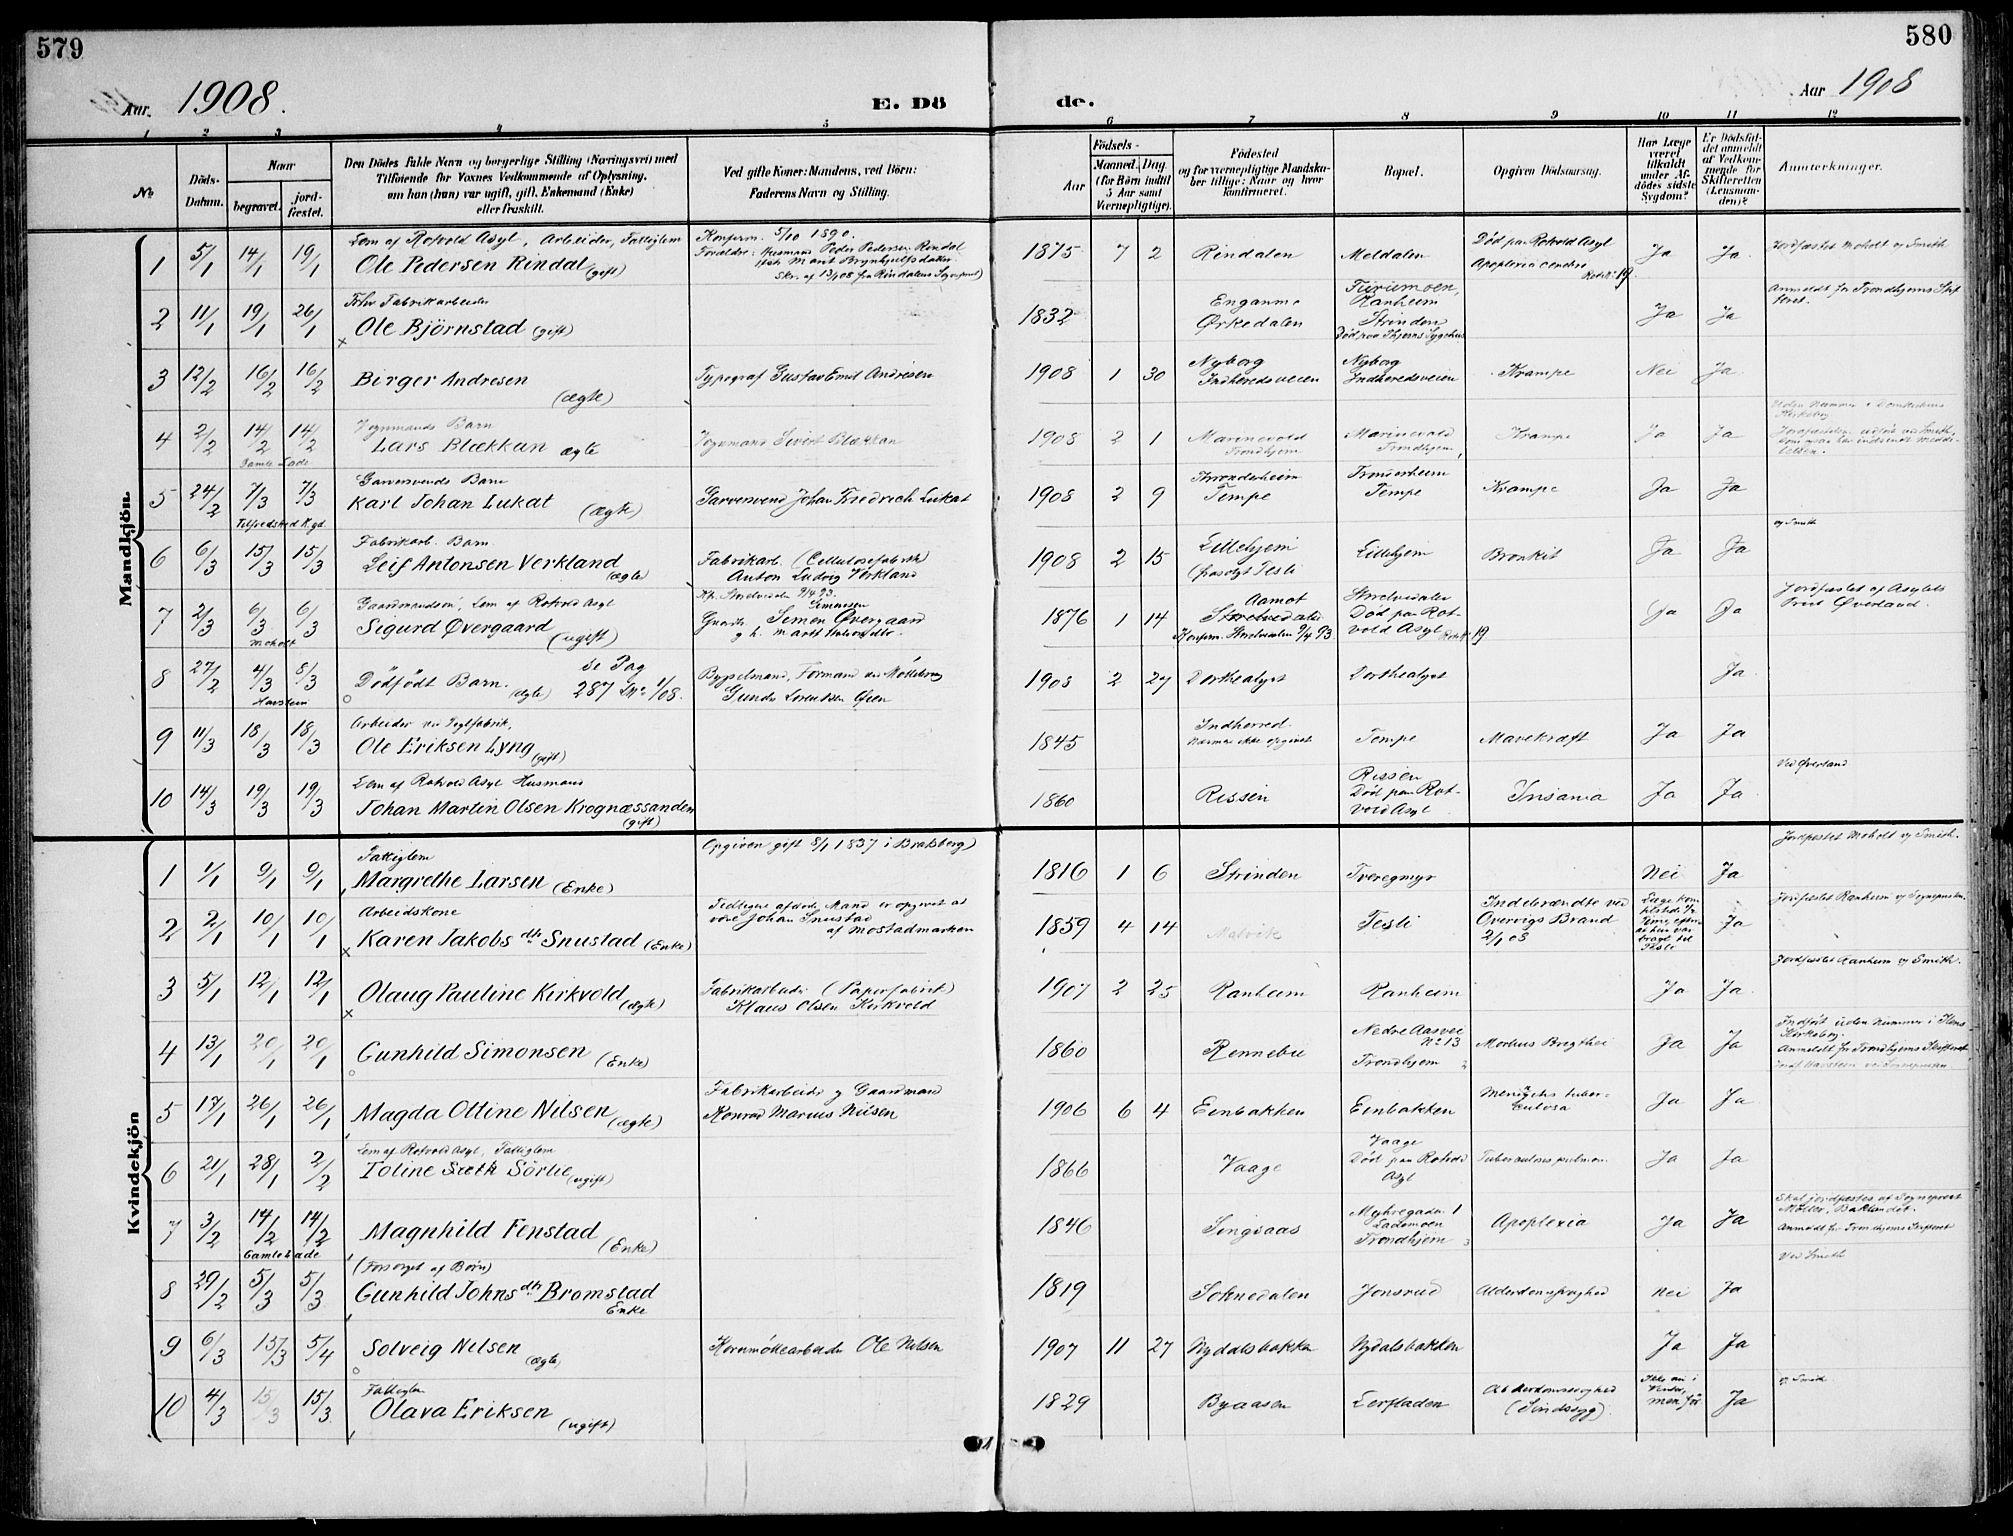 SAT, Ministerialprotokoller, klokkerbøker og fødselsregistre - Sør-Trøndelag, 607/L0320: Ministerialbok nr. 607A04, 1907-1915, s. 579-580